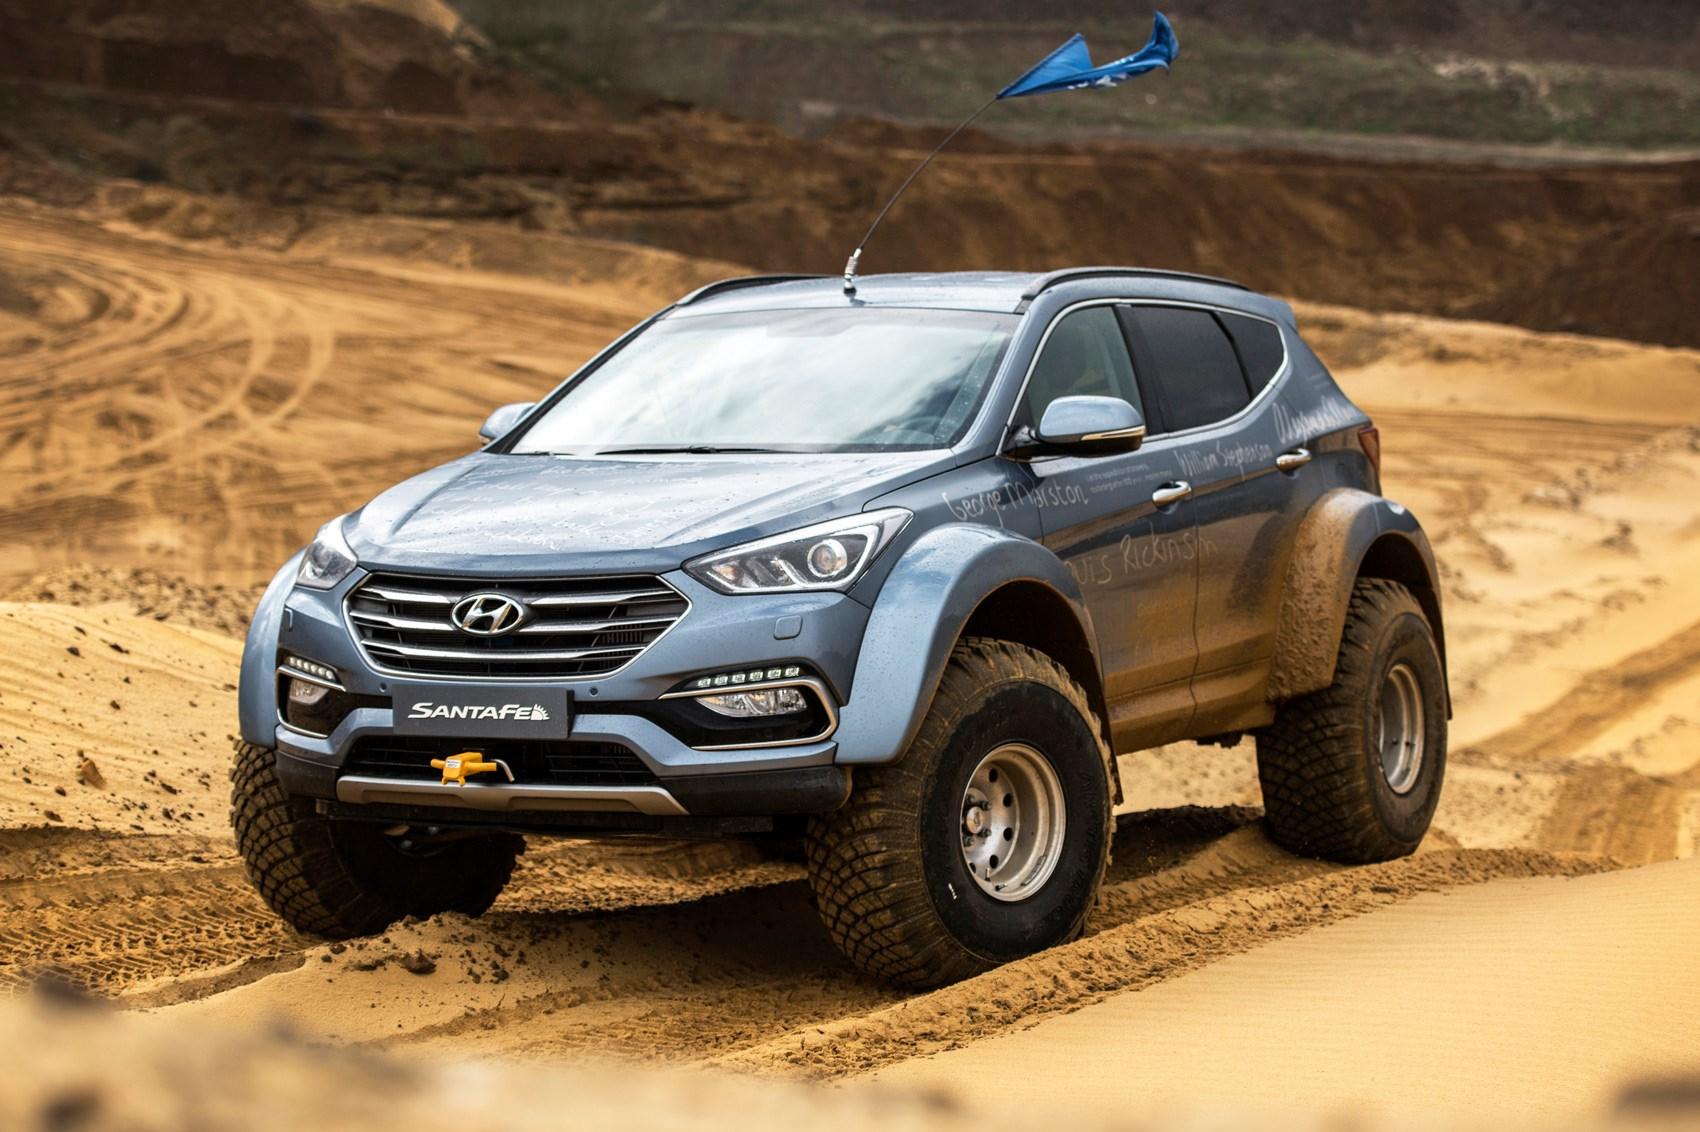 Hyundai Santa Fe Shackleton Endurance 2017 Review